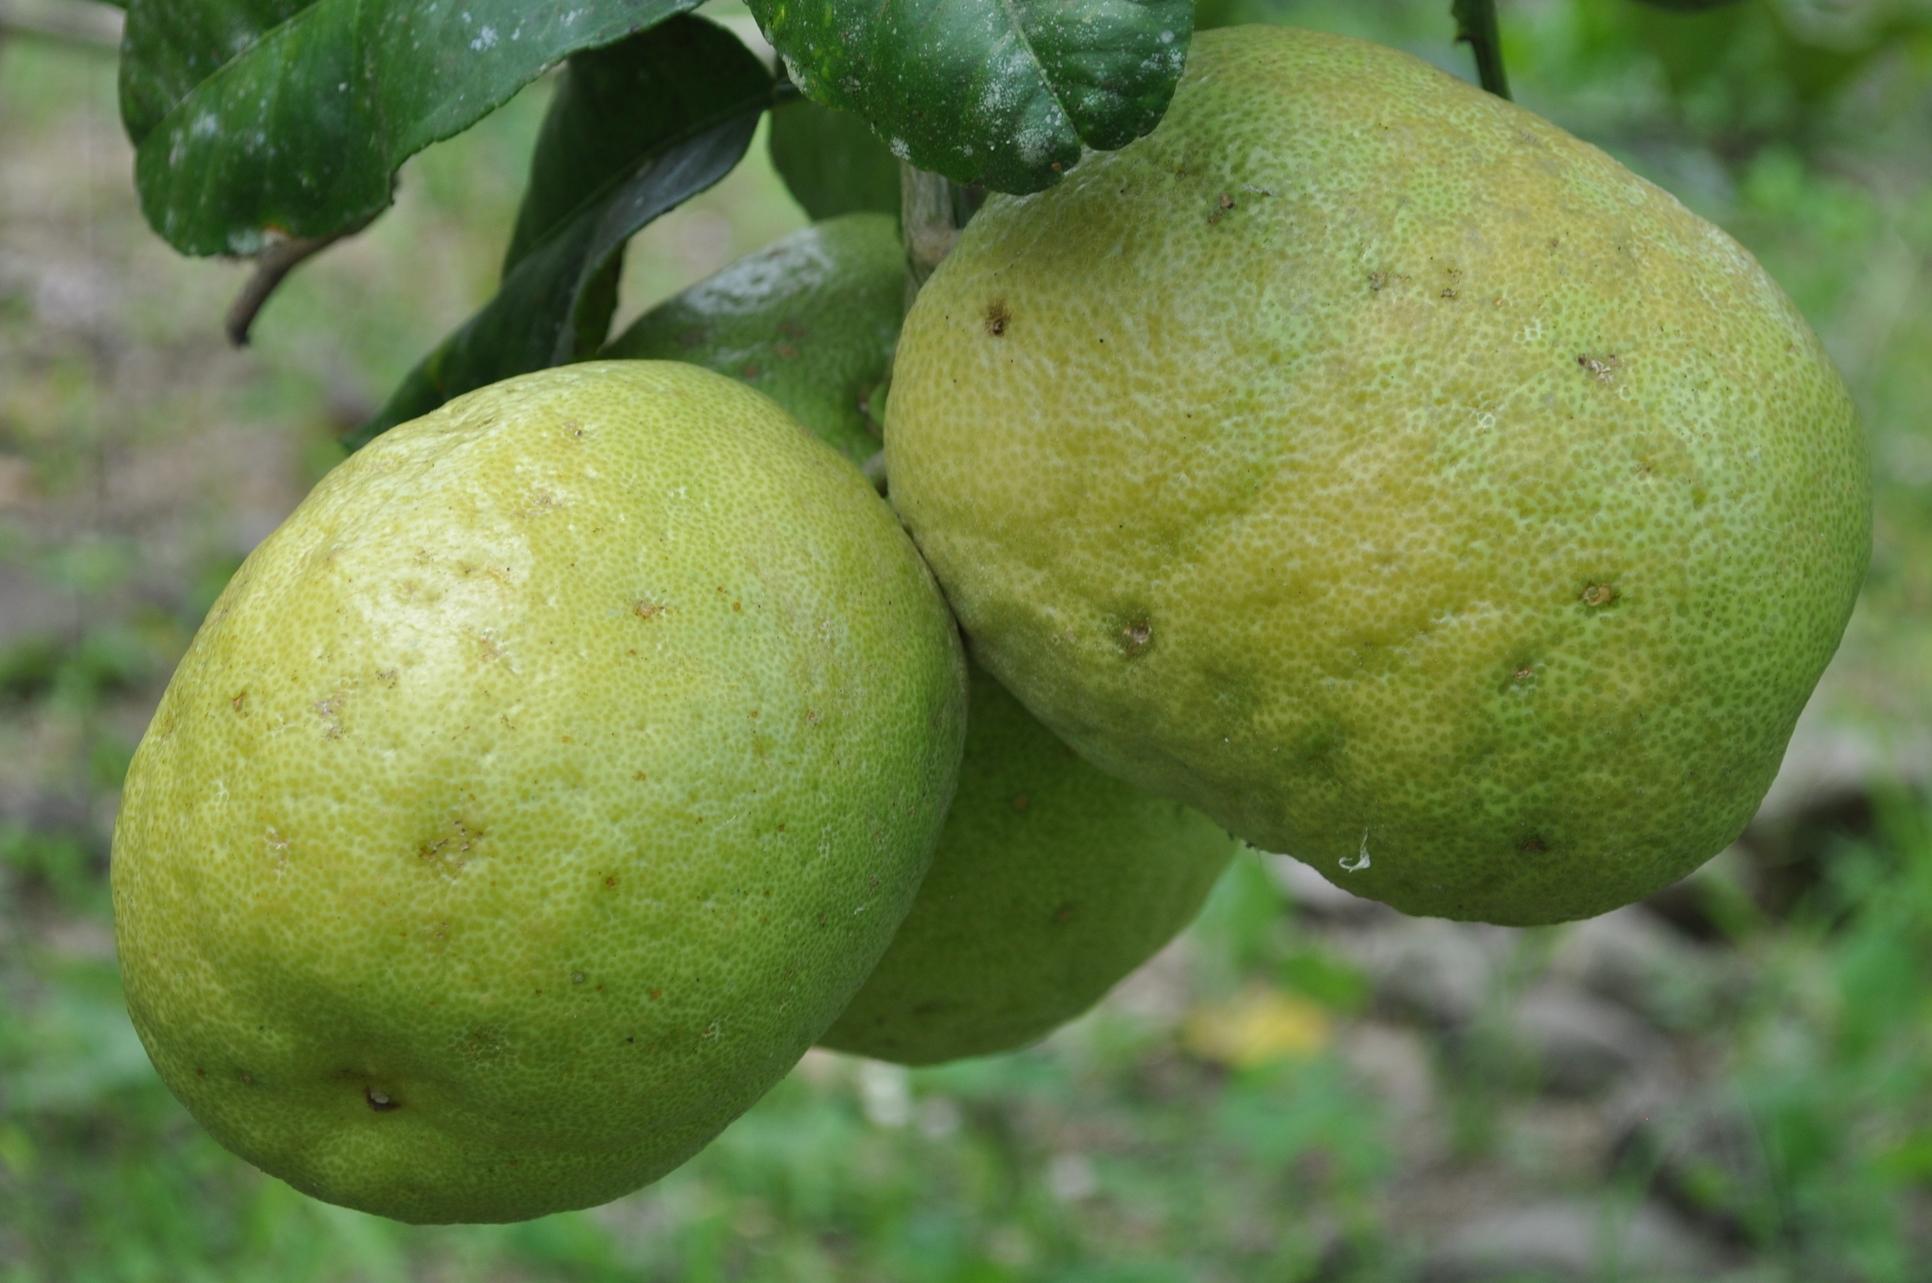 Son limones sí, casi del tamaño de una toronja. Foto: Pamy Rojas